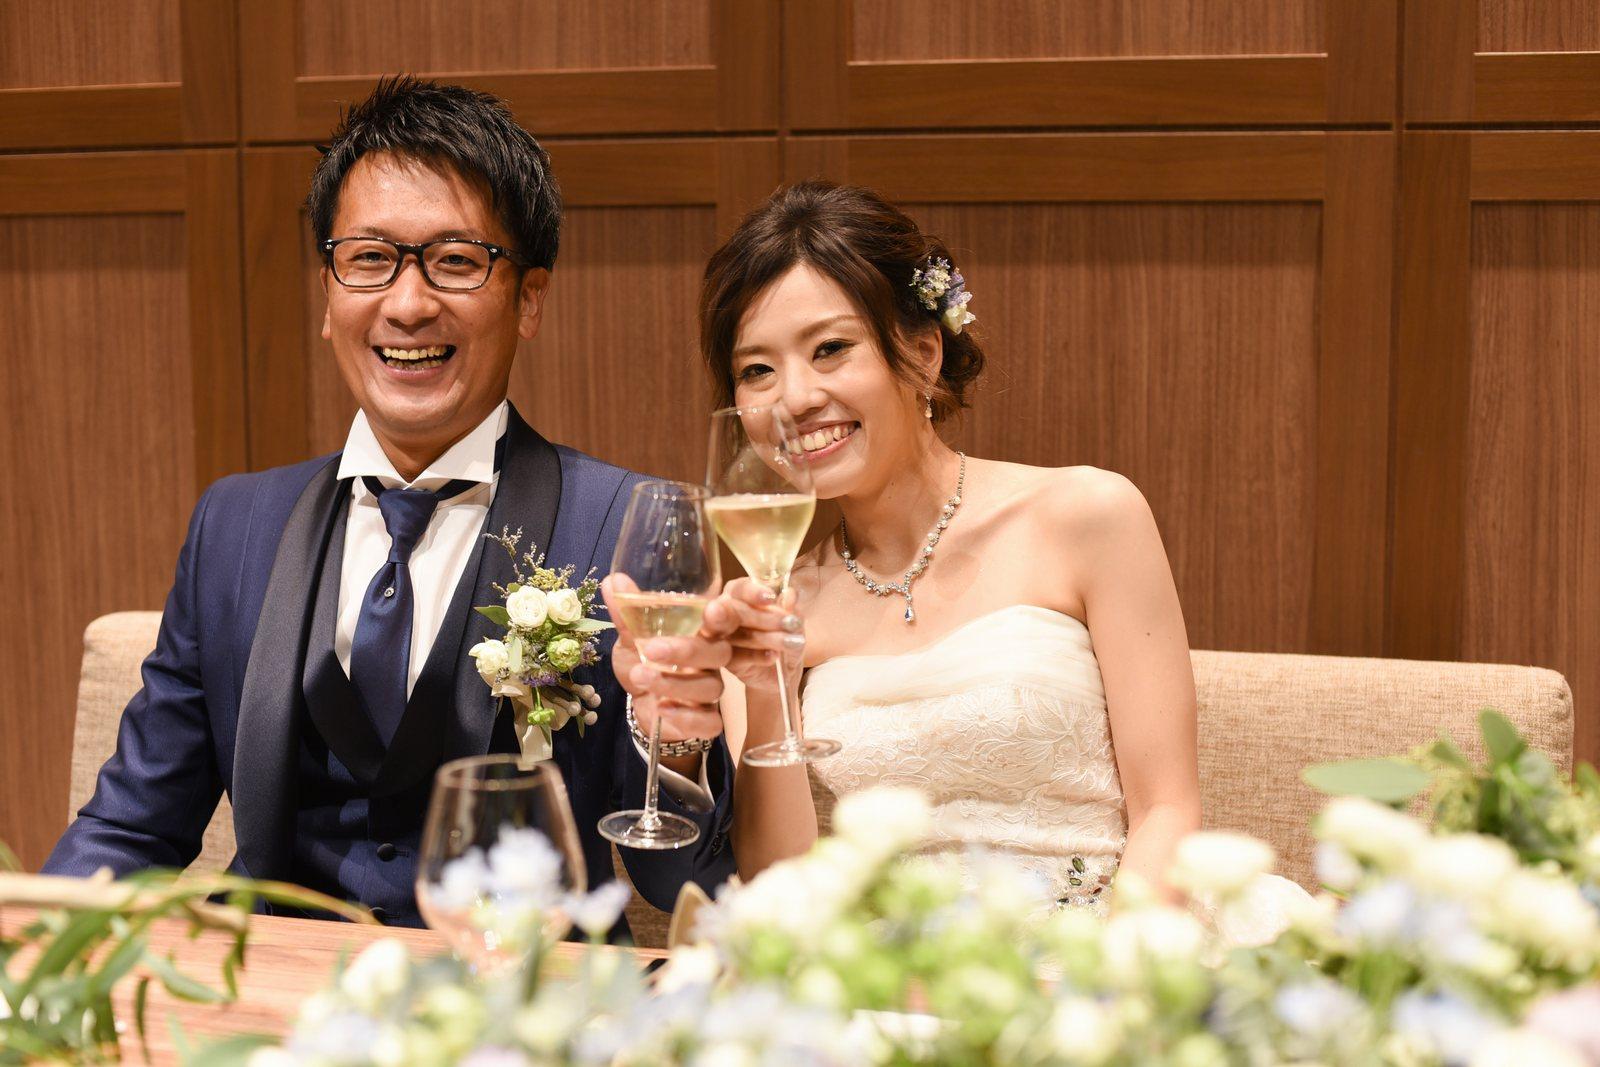 香川県高松市の結婚式場アナザースタイルのメインテーブルの新郎新婦